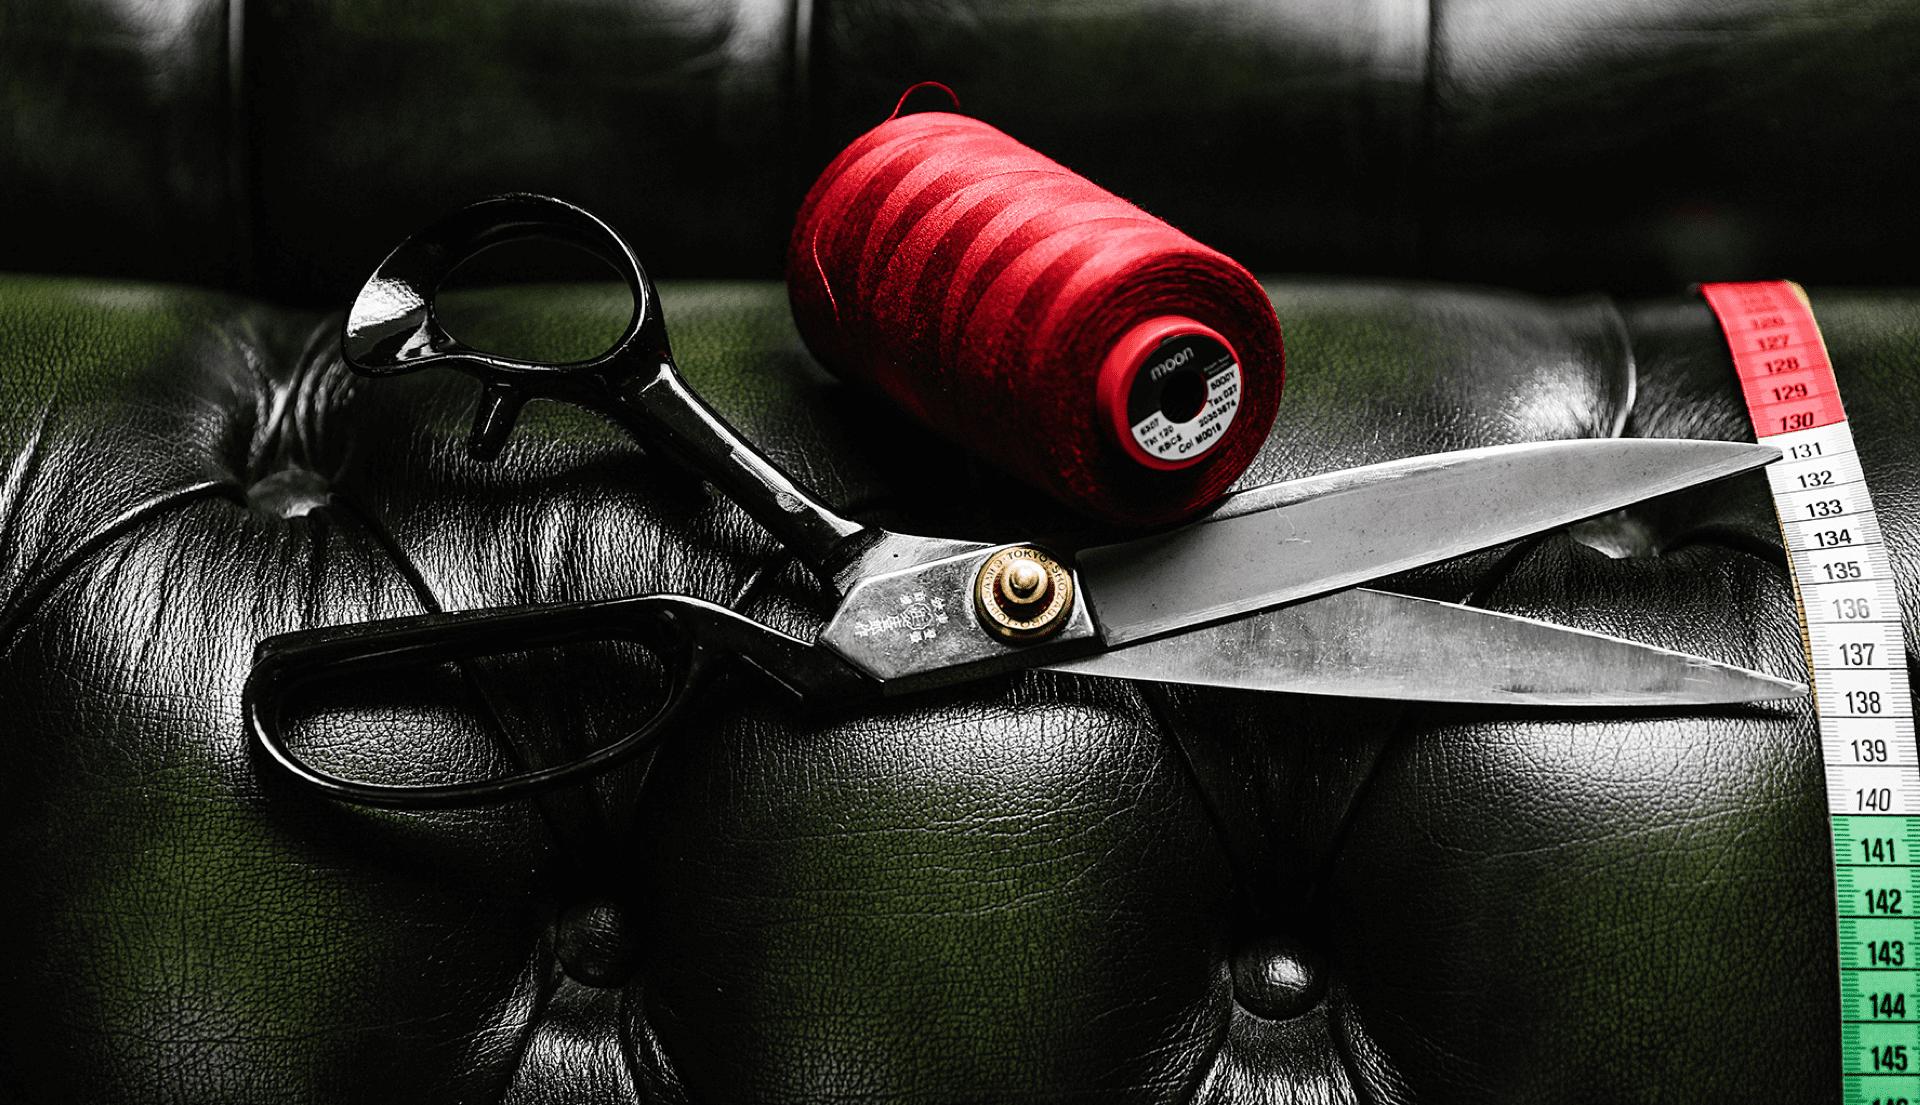 savile row tailors